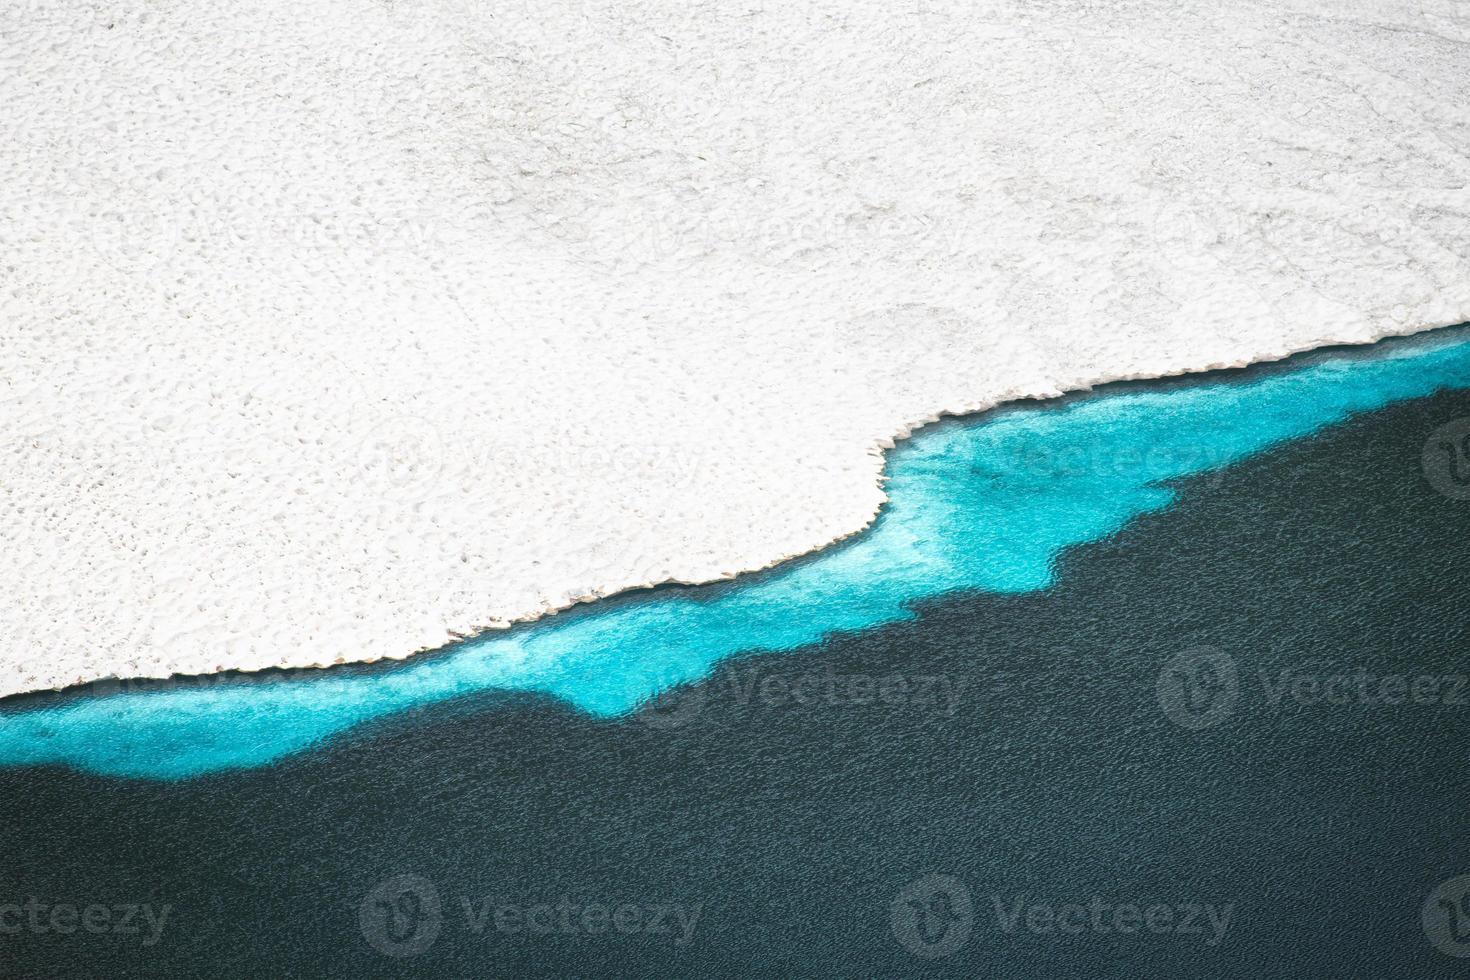 Línea de hielo y agua en un lago alpino en lo alto de las montañas foto